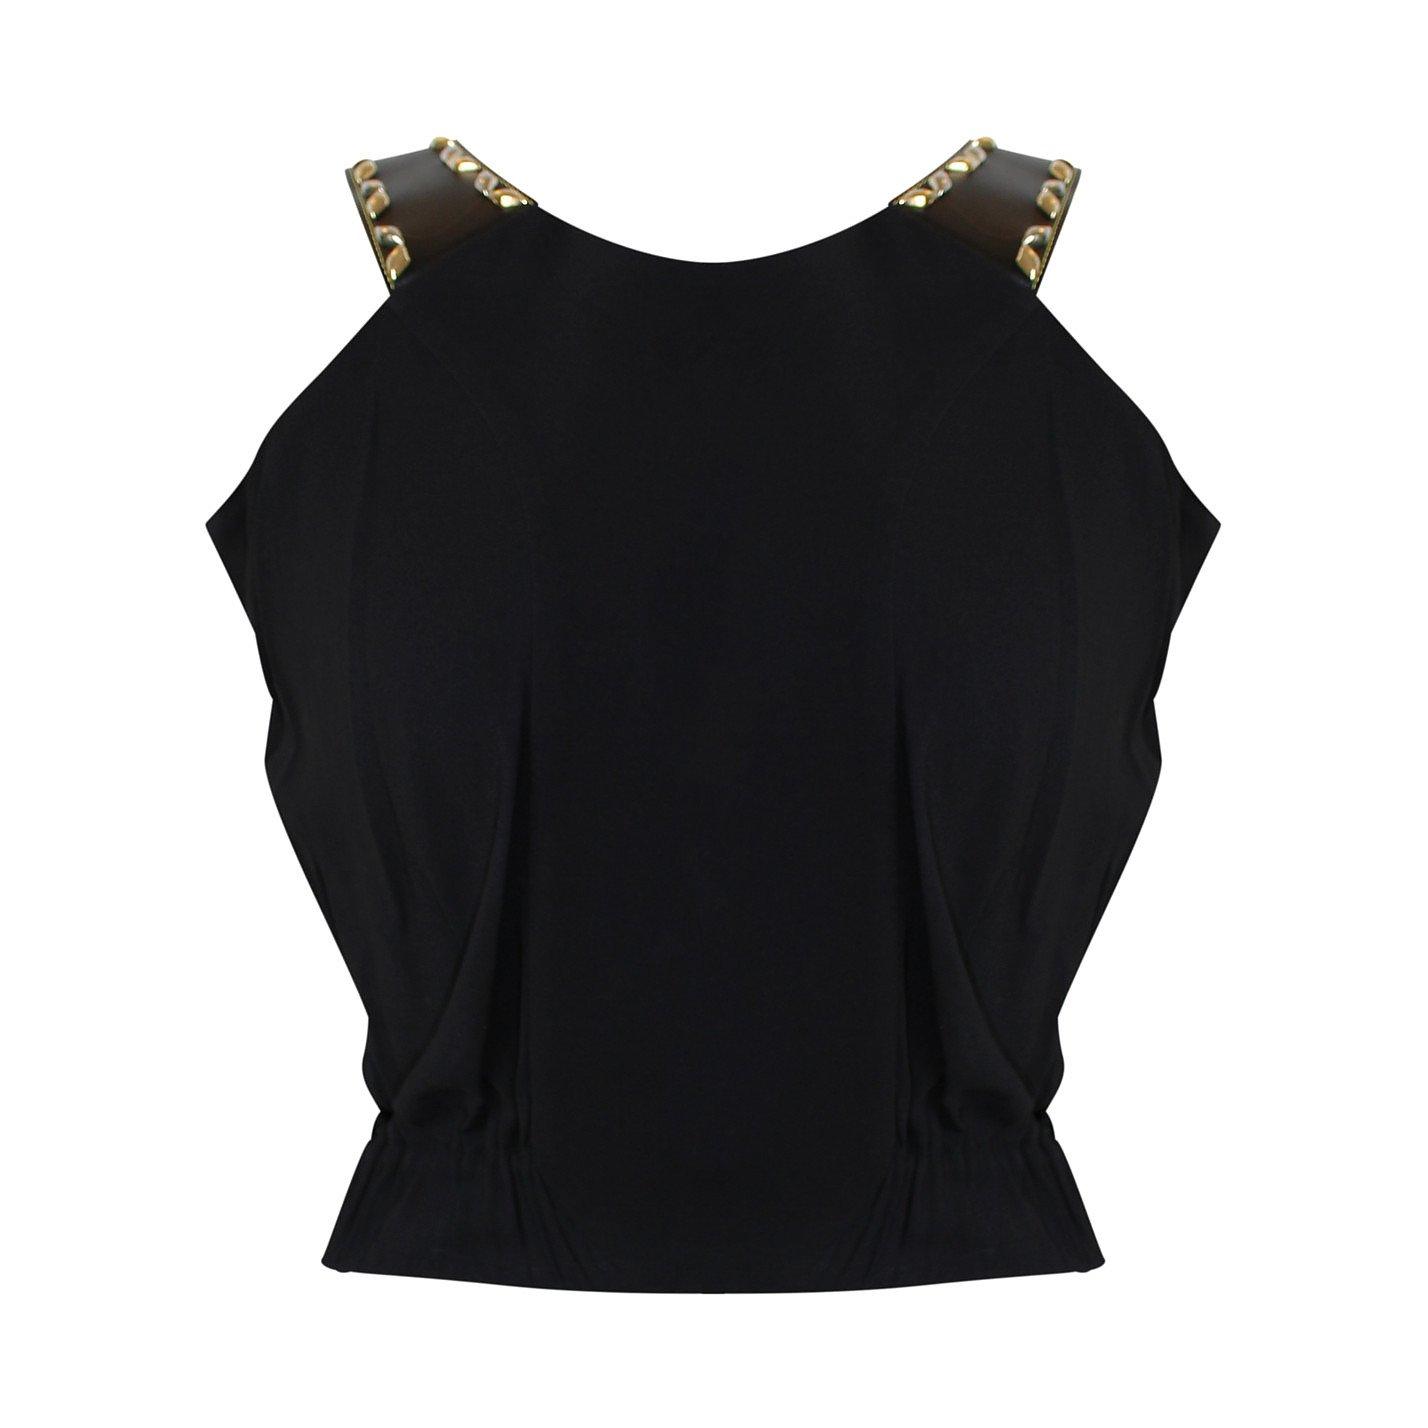 Louis Vuitton Open Back Vest